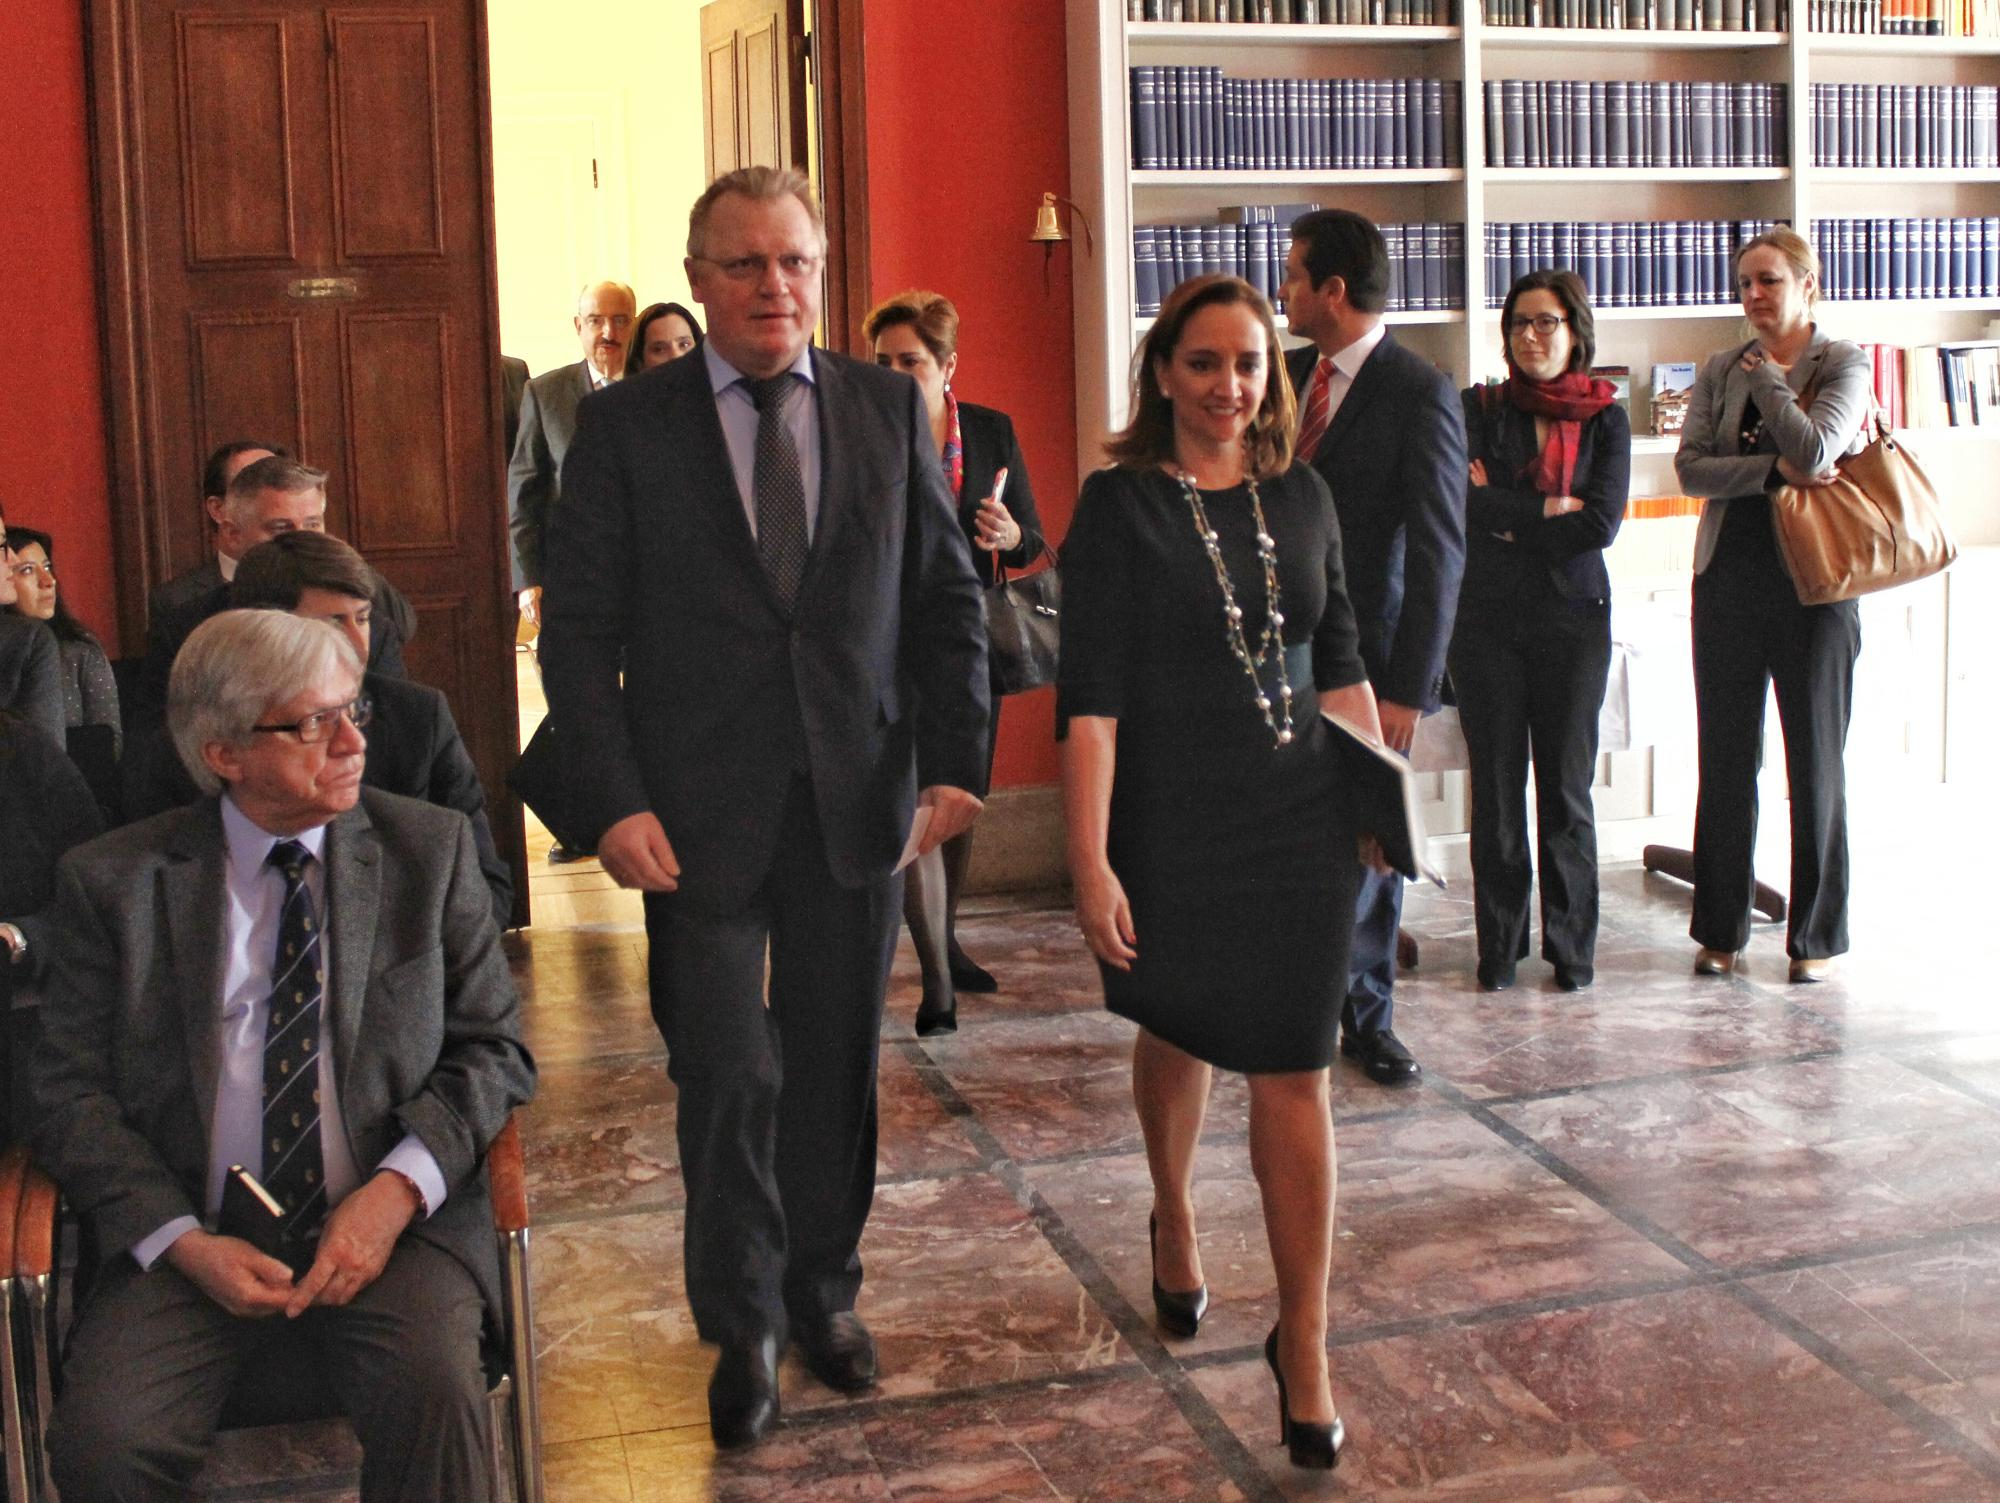 FOTO 1 Cacnciller Claudia Ruiz Massieu ofreci  una conferencia magistral en el Consejo Germano de Relaciones Exteriores.jpg